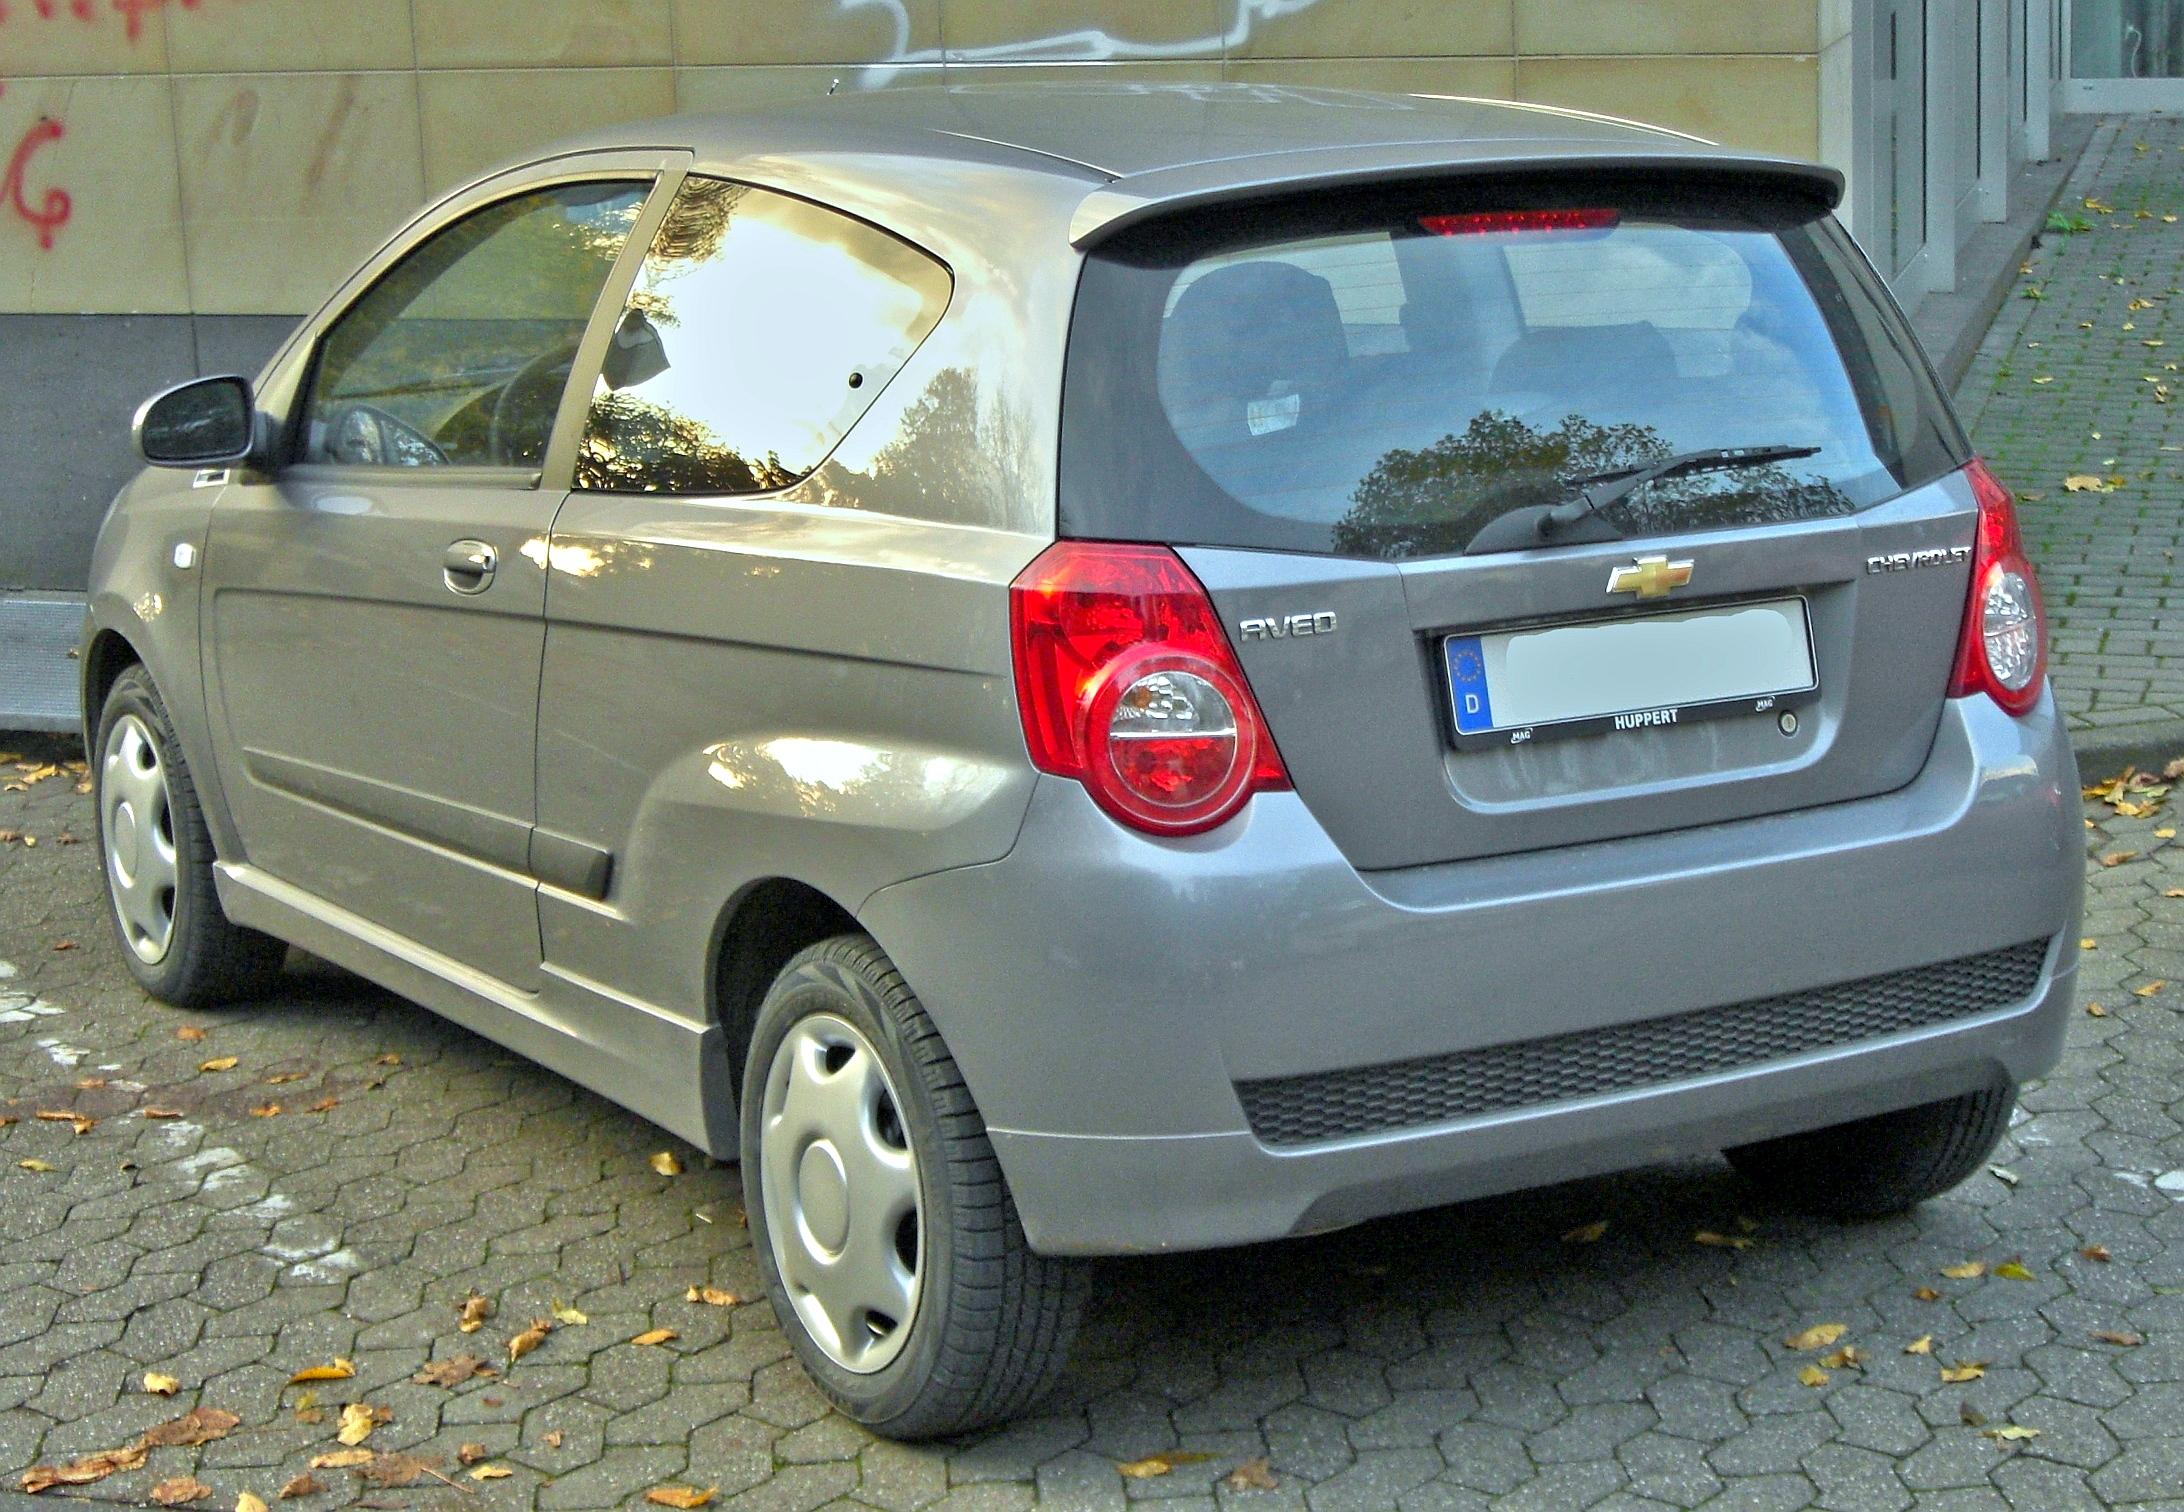 File Chevrolet Aveo Dreiturer Seit 2008 Rear Mj Jpg Wikimedia Commons